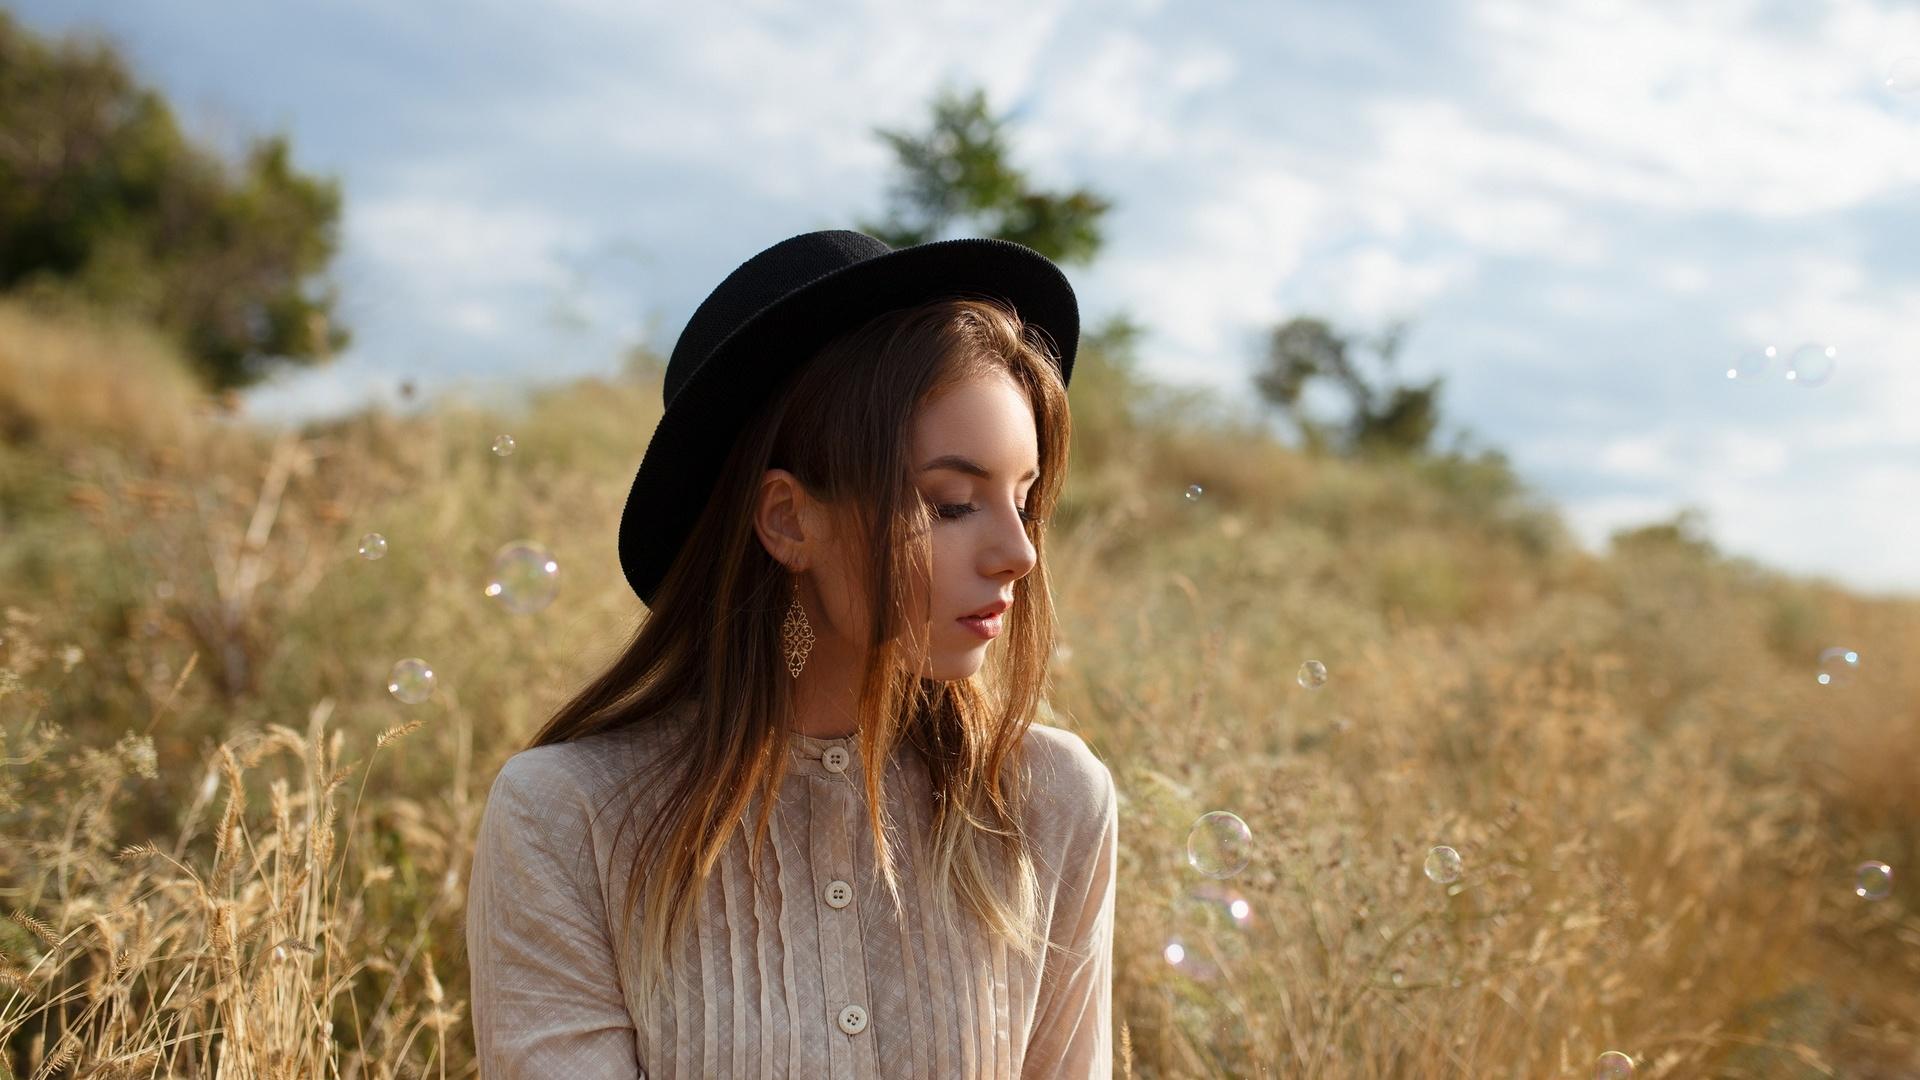 девушка, портрет, на природе, фото, anton papalutsa